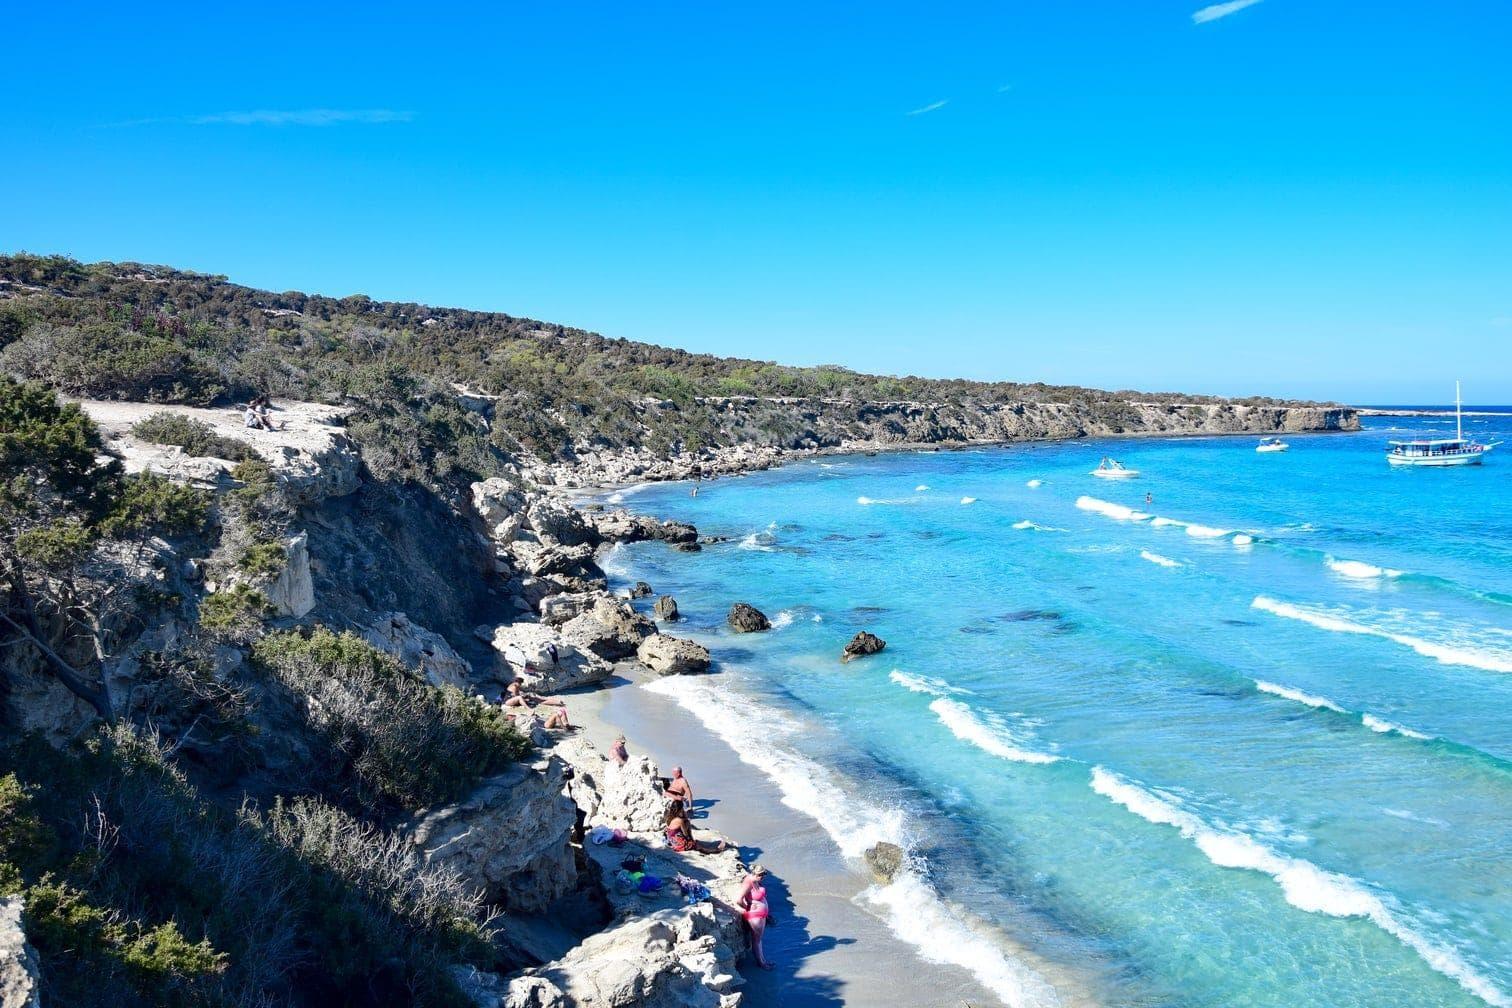 wirst du enttäuscht sein: Wegen der starken Strömung ist Cofete nicht zum entspannten Schwimmen und Planschen geeignet. Dafür kannst du aber stundenlange Strandwanderungen unternehmen und dich dabei vom kraftvollen Rauschen der Wellen musikalisch begleiten lassen.</p> Foto: beach-inspector .com